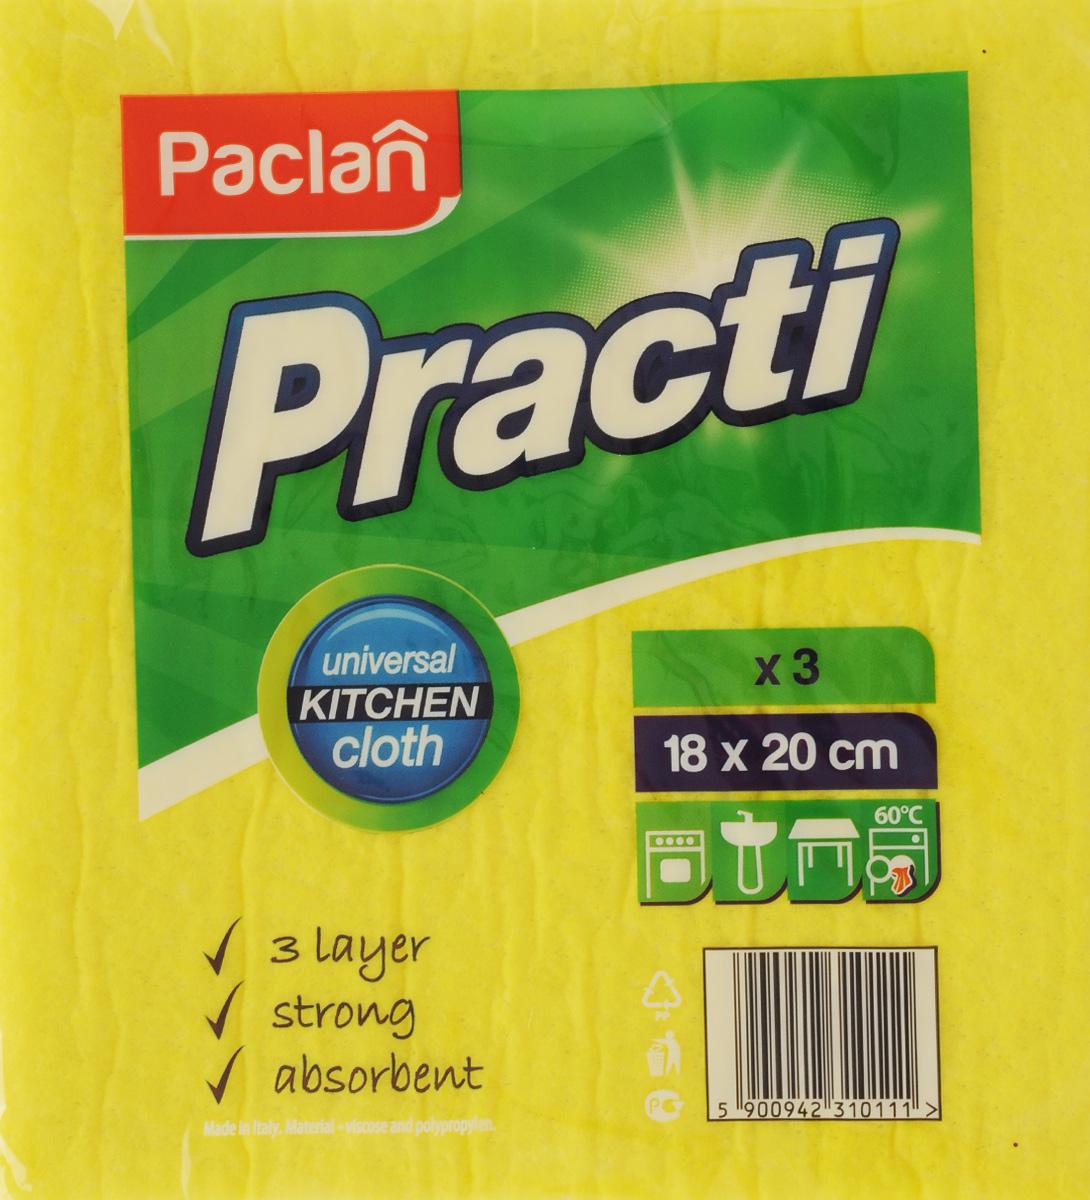 Набор салфеток для уборки Paclan Practi, 18 х 20 см, 3 шт513420/135391/135390/135392Хозяйственные салфетки Paclan Practi для влажной уборки станут незаменимыми помощниками на кухне и в ванной комнате. Благодаря трем слоям изделия хорошо впитывают влагу и легко выжимаются. Прочные и не твердеют после высыхания, а также не теряют форму. Размер салфетки: 18 х 20 см.